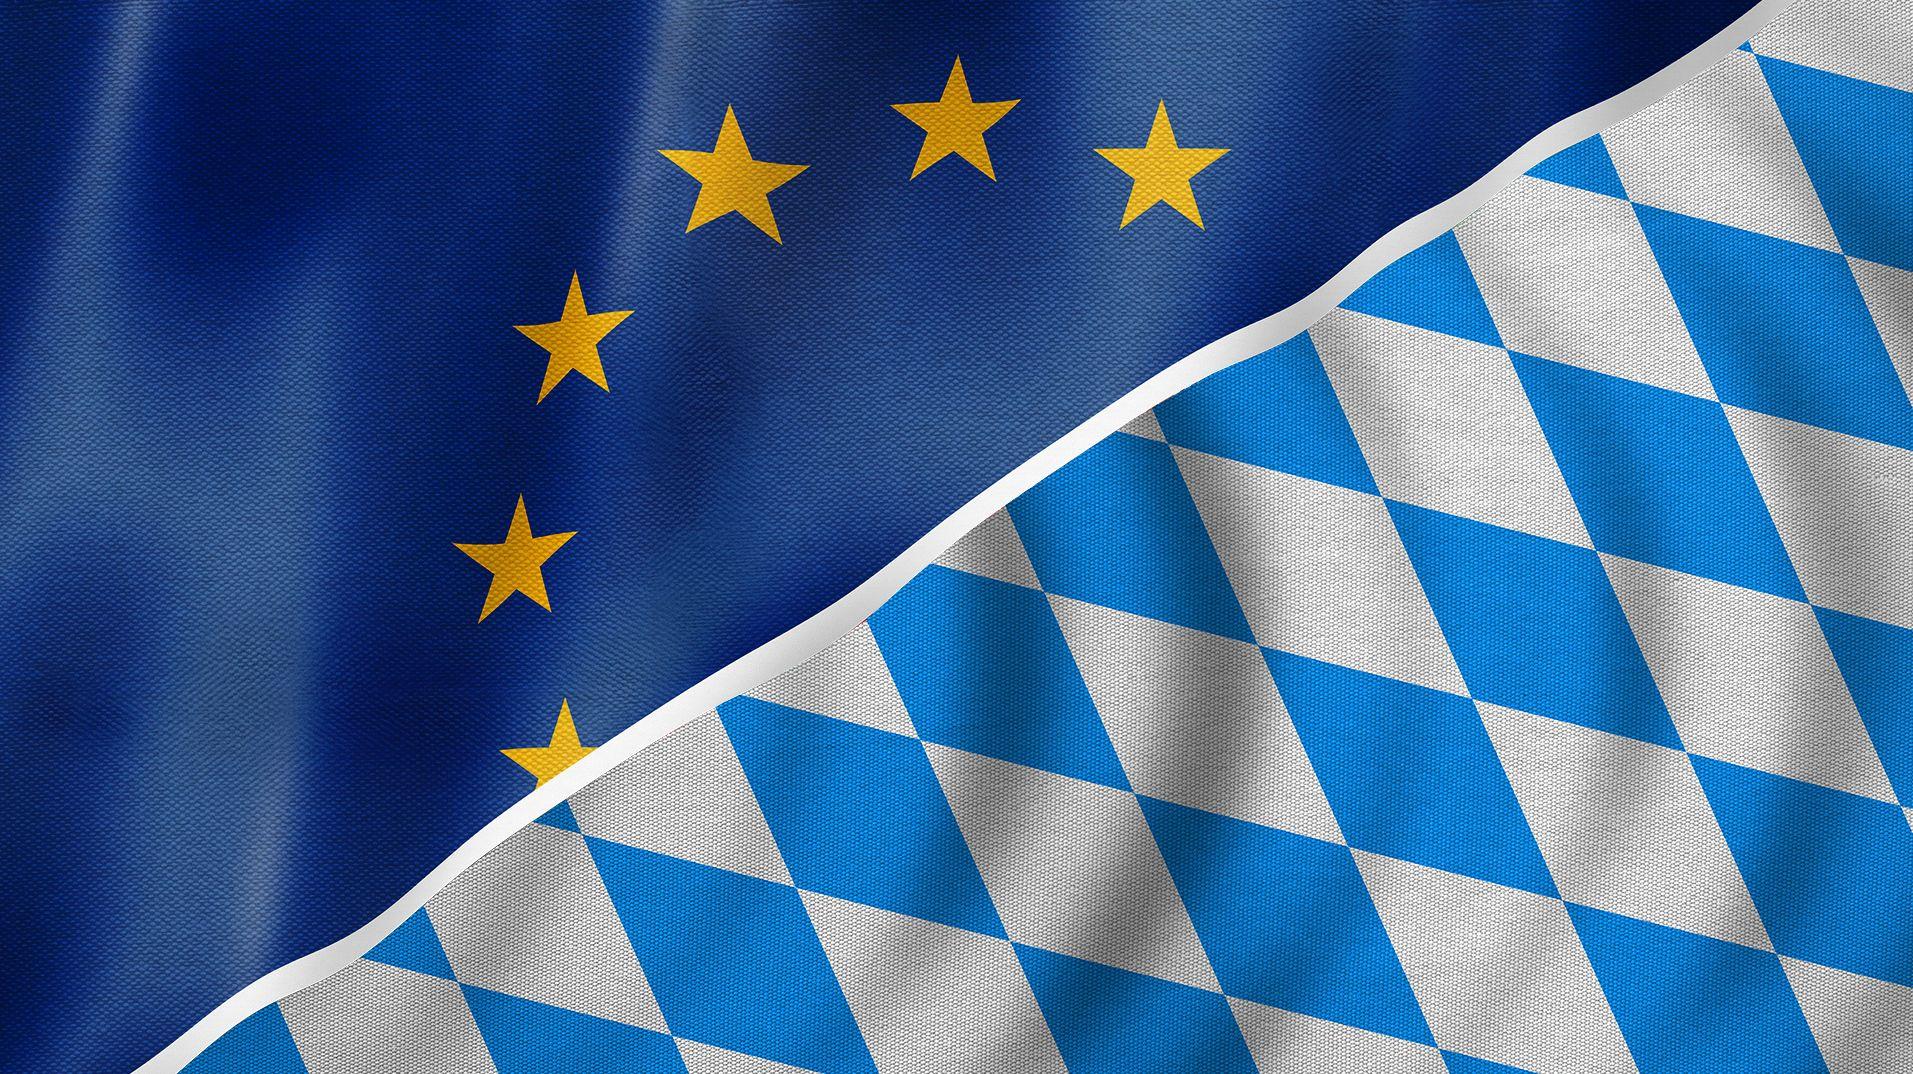 Eine EU-Flagge neben einer Bayern-Flagge